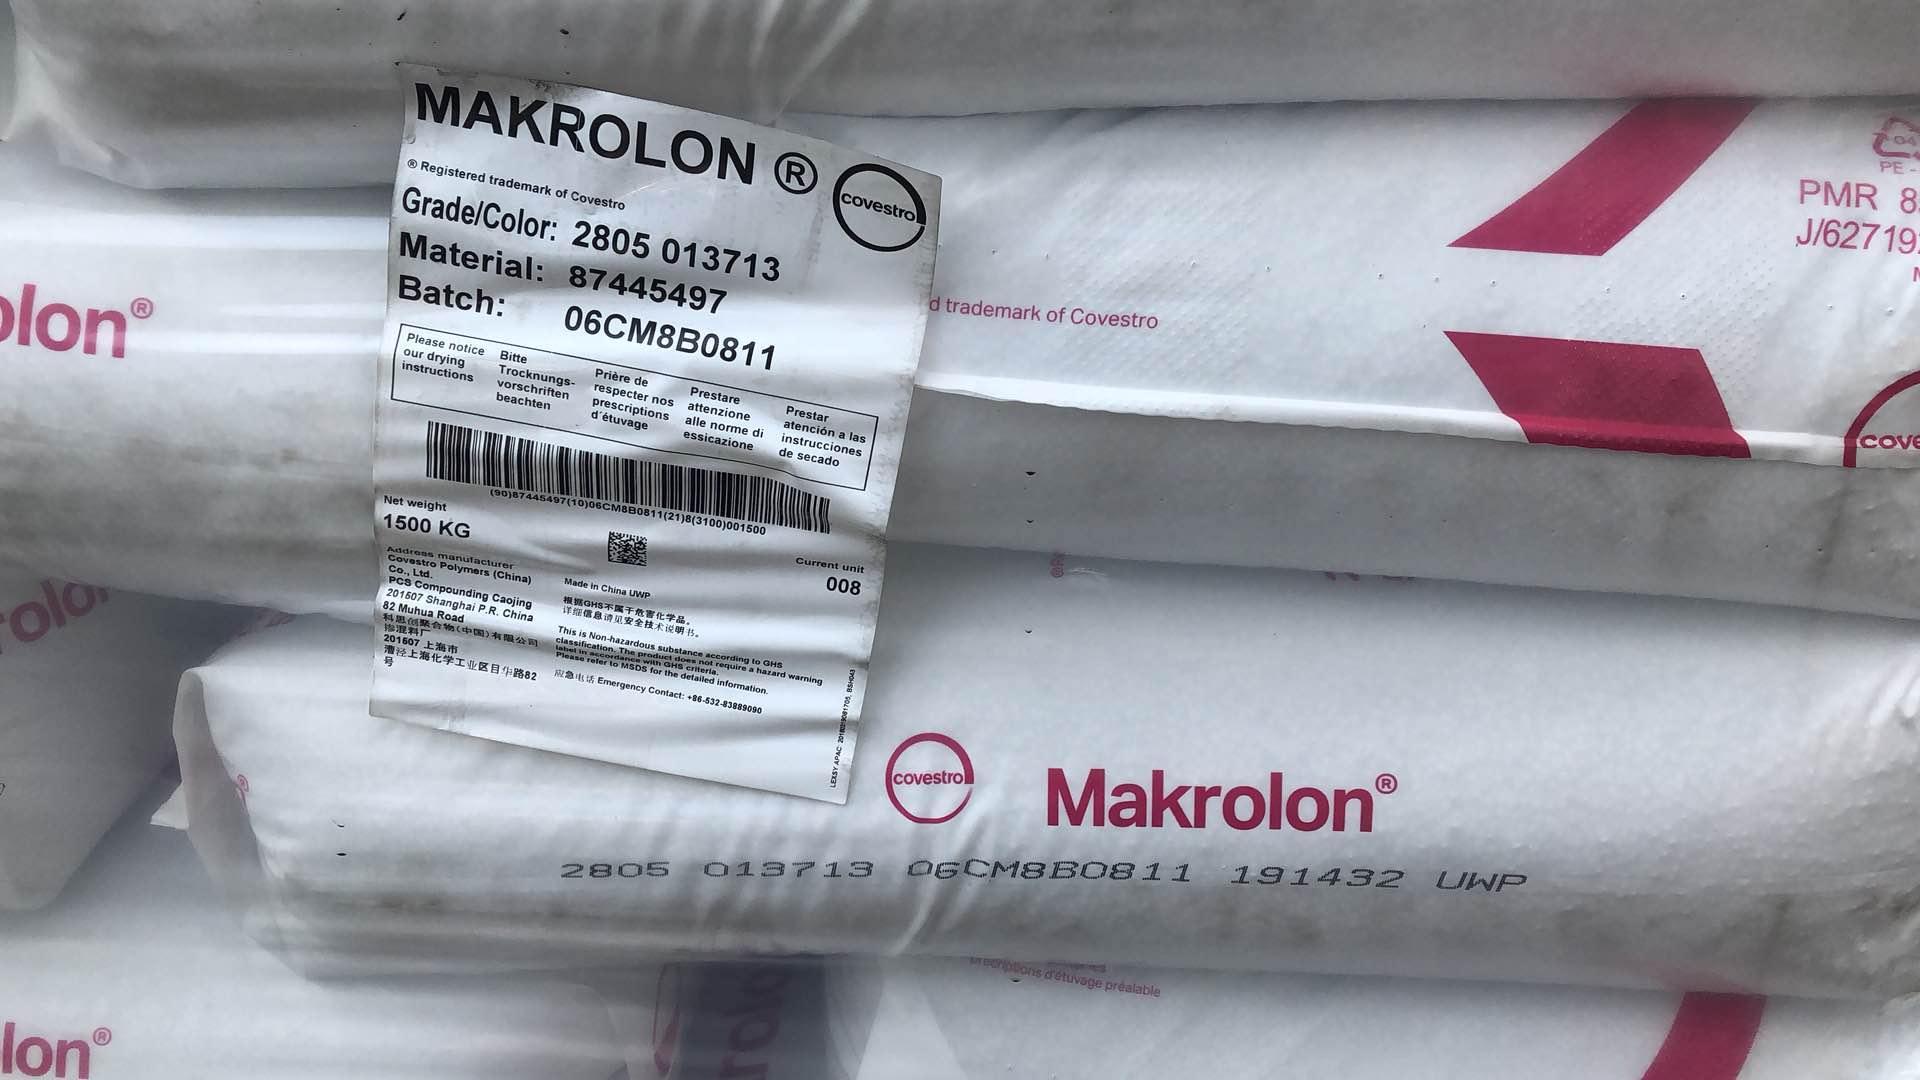 makrolon 2805